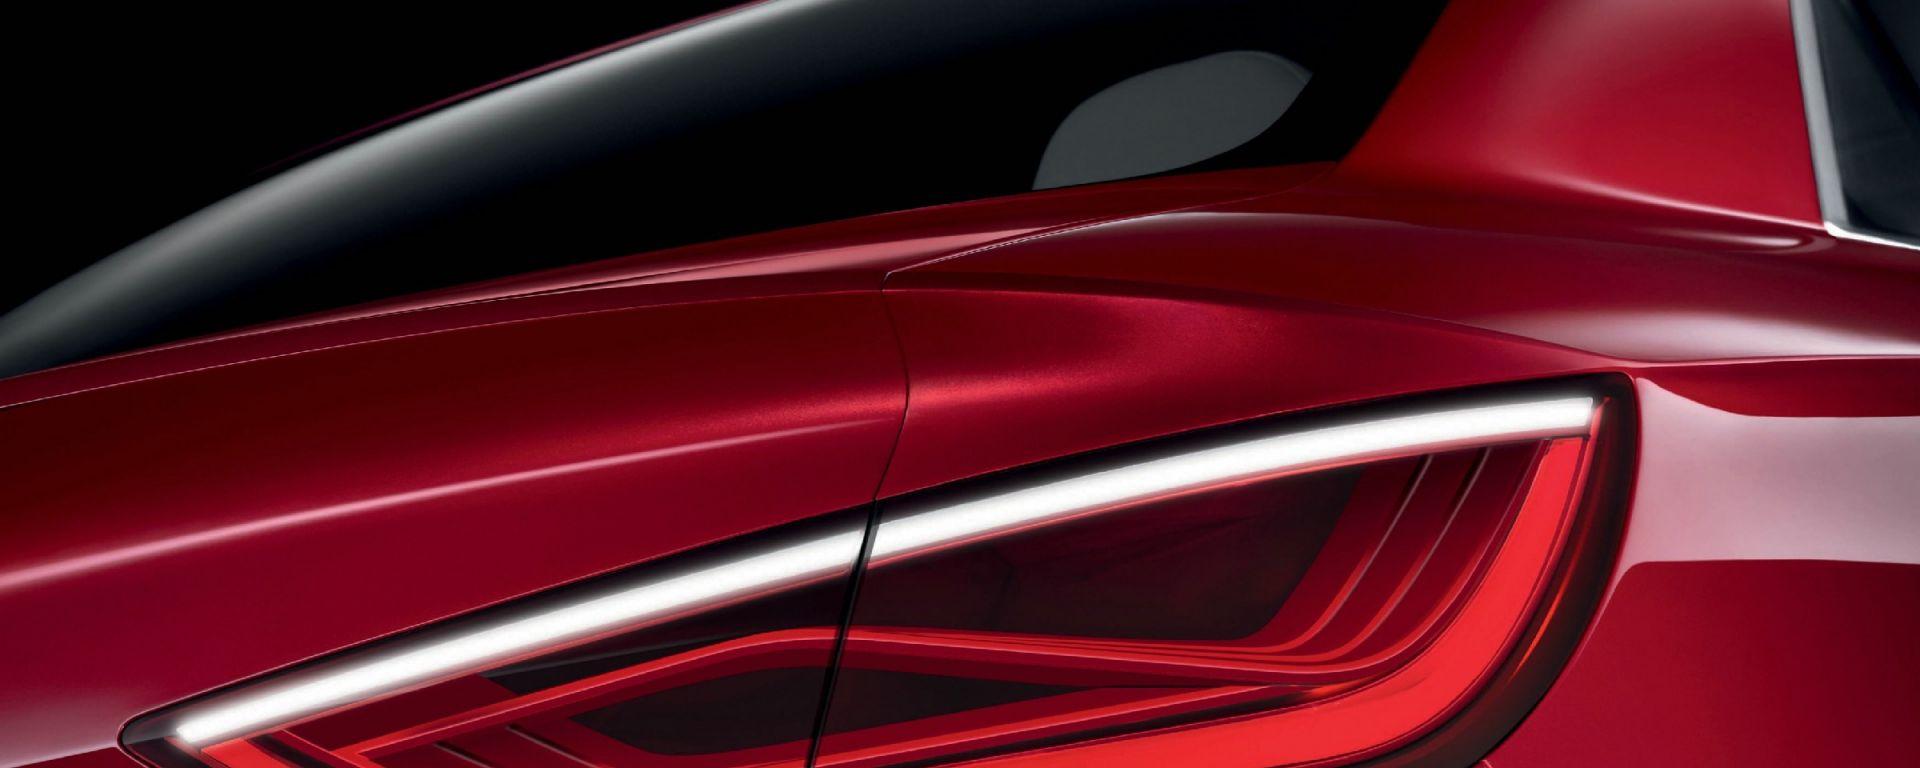 Tutto sulla Audi A3 Concept